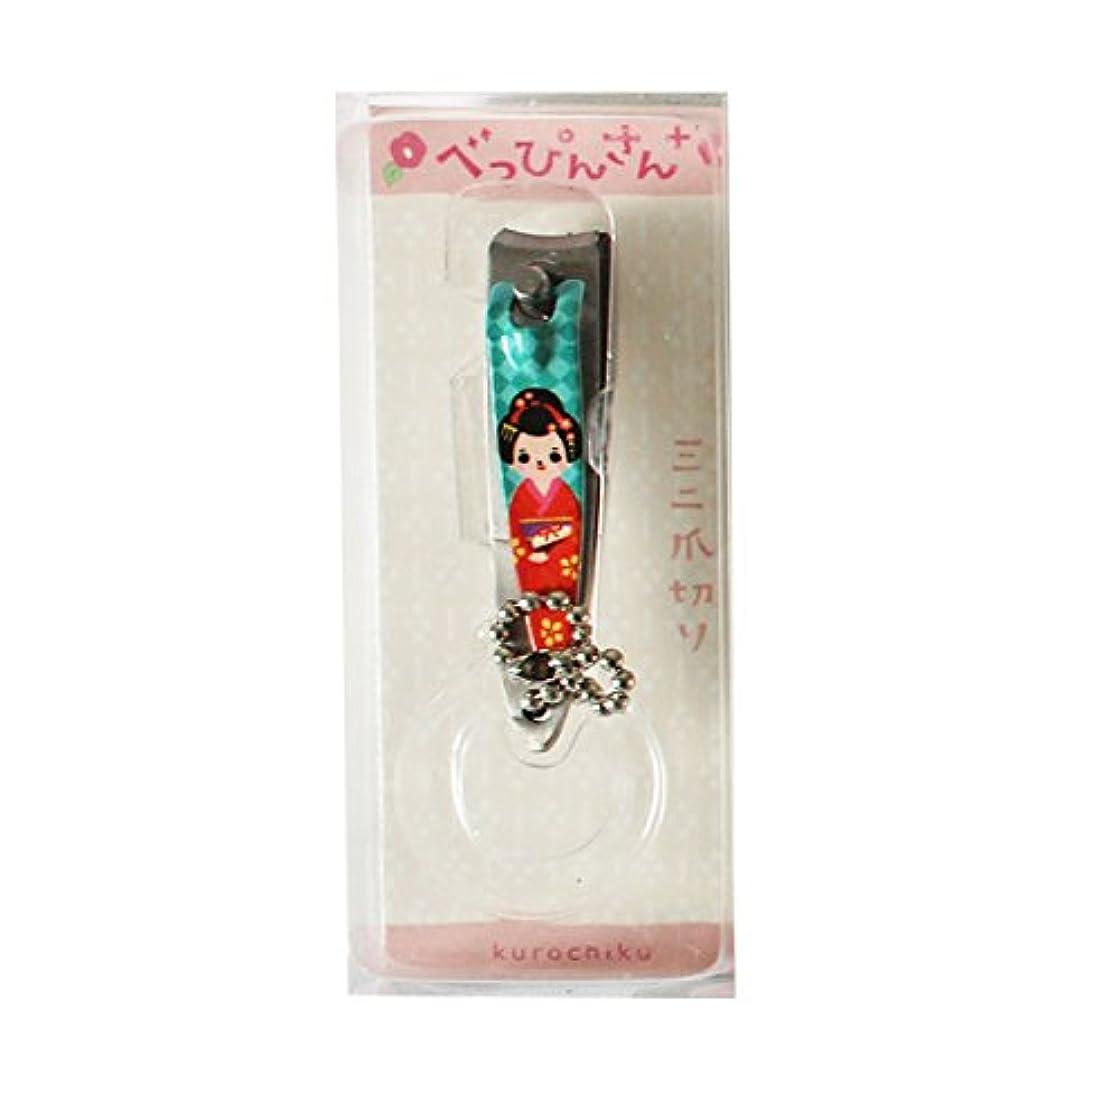 閉じる広告スチールくろちく べっぴんさんプラス ミニ爪切り 舞子朱 約1.2x5.5cm